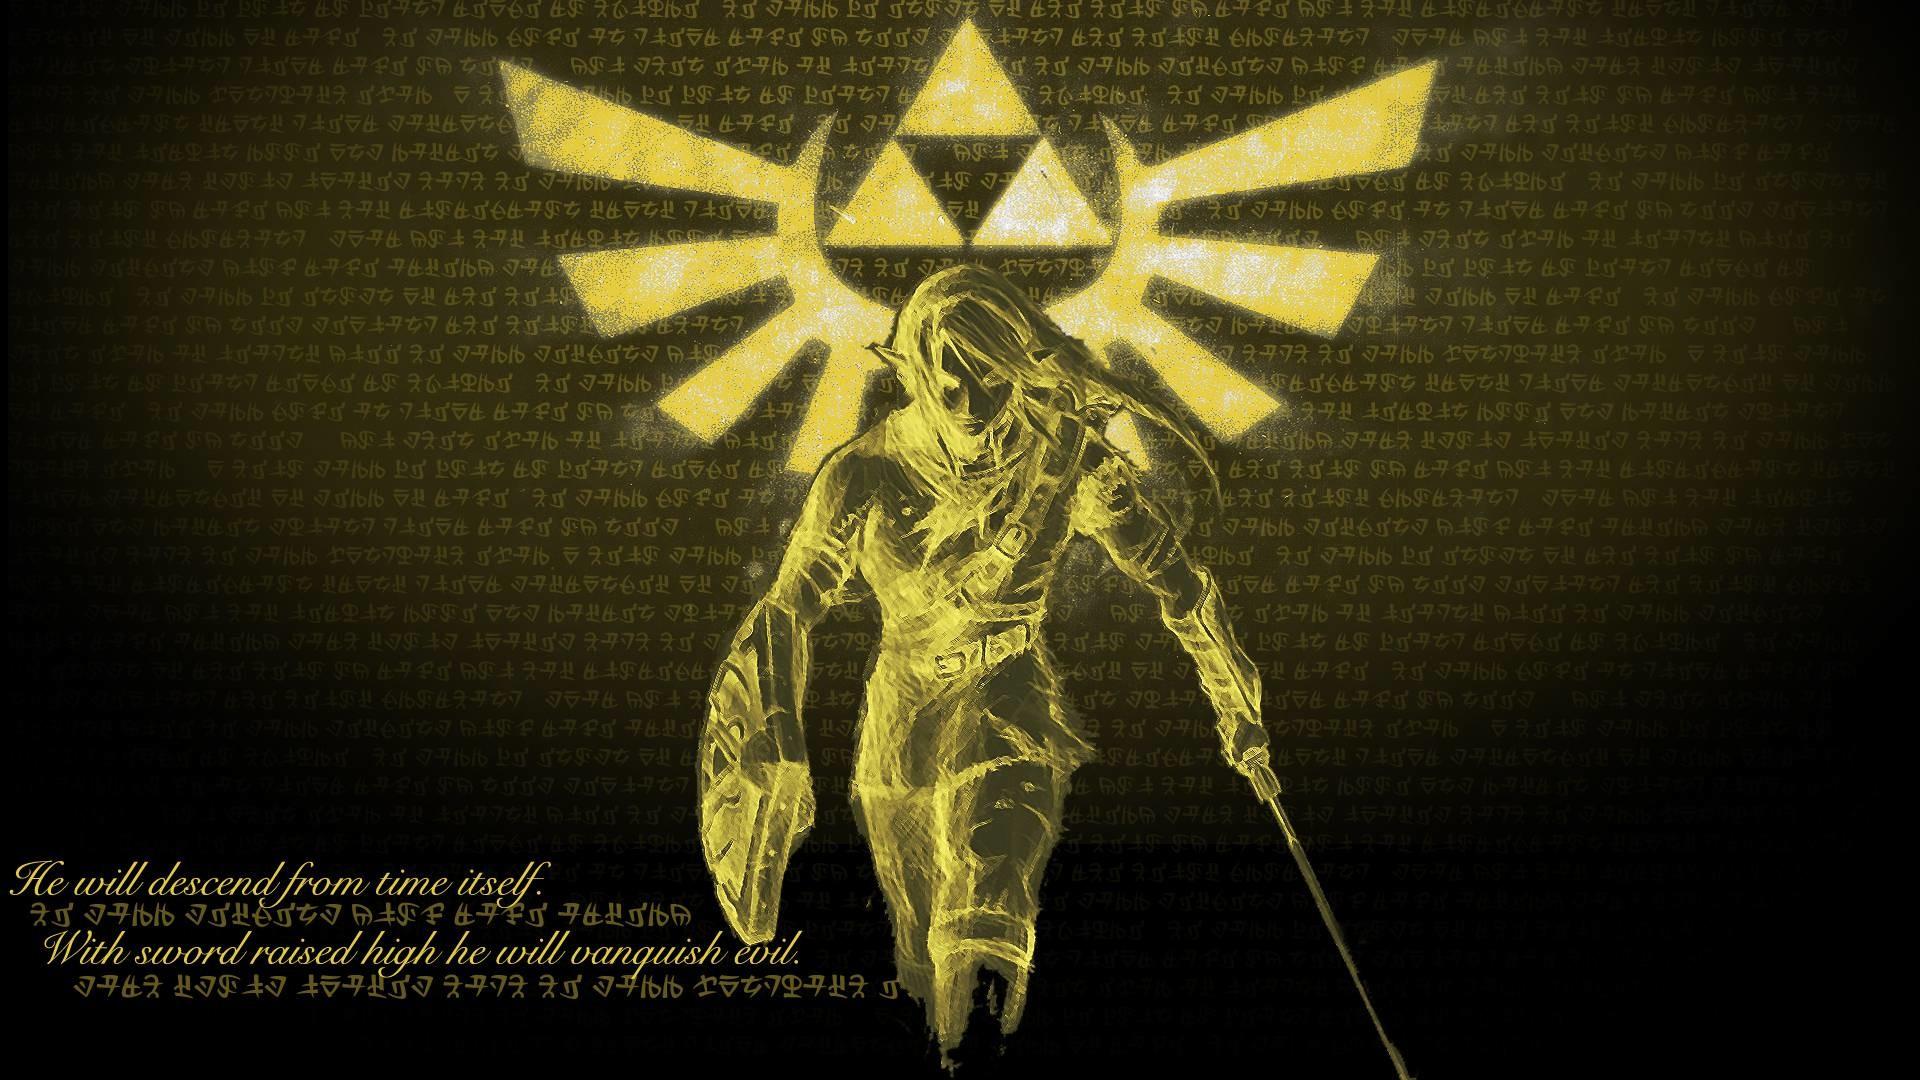 Wonderful Wallpaper Halloween Zelda - 911960-cool-zelda-backgrounds-1920x1080-for-windows-7  Picture_84957.jpg